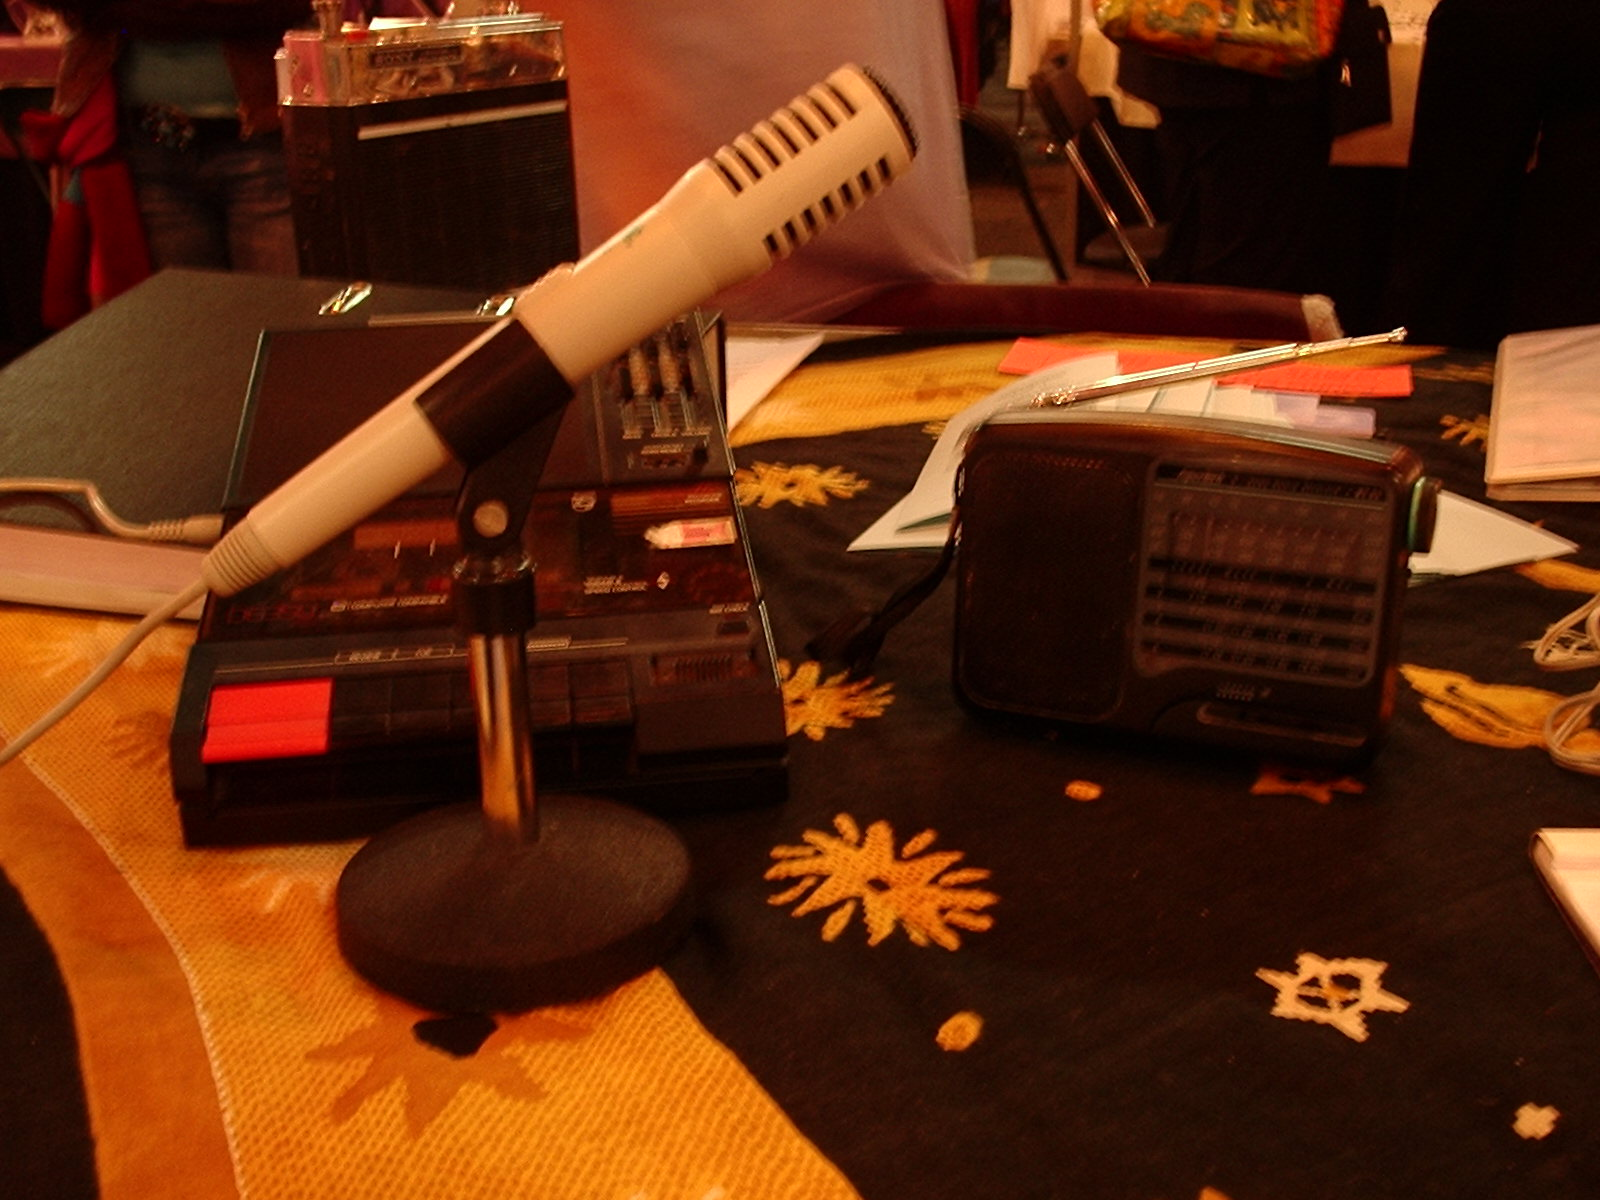 Een cassetterecorder, microfoon, en het belangrijkste! een radio met MW golf